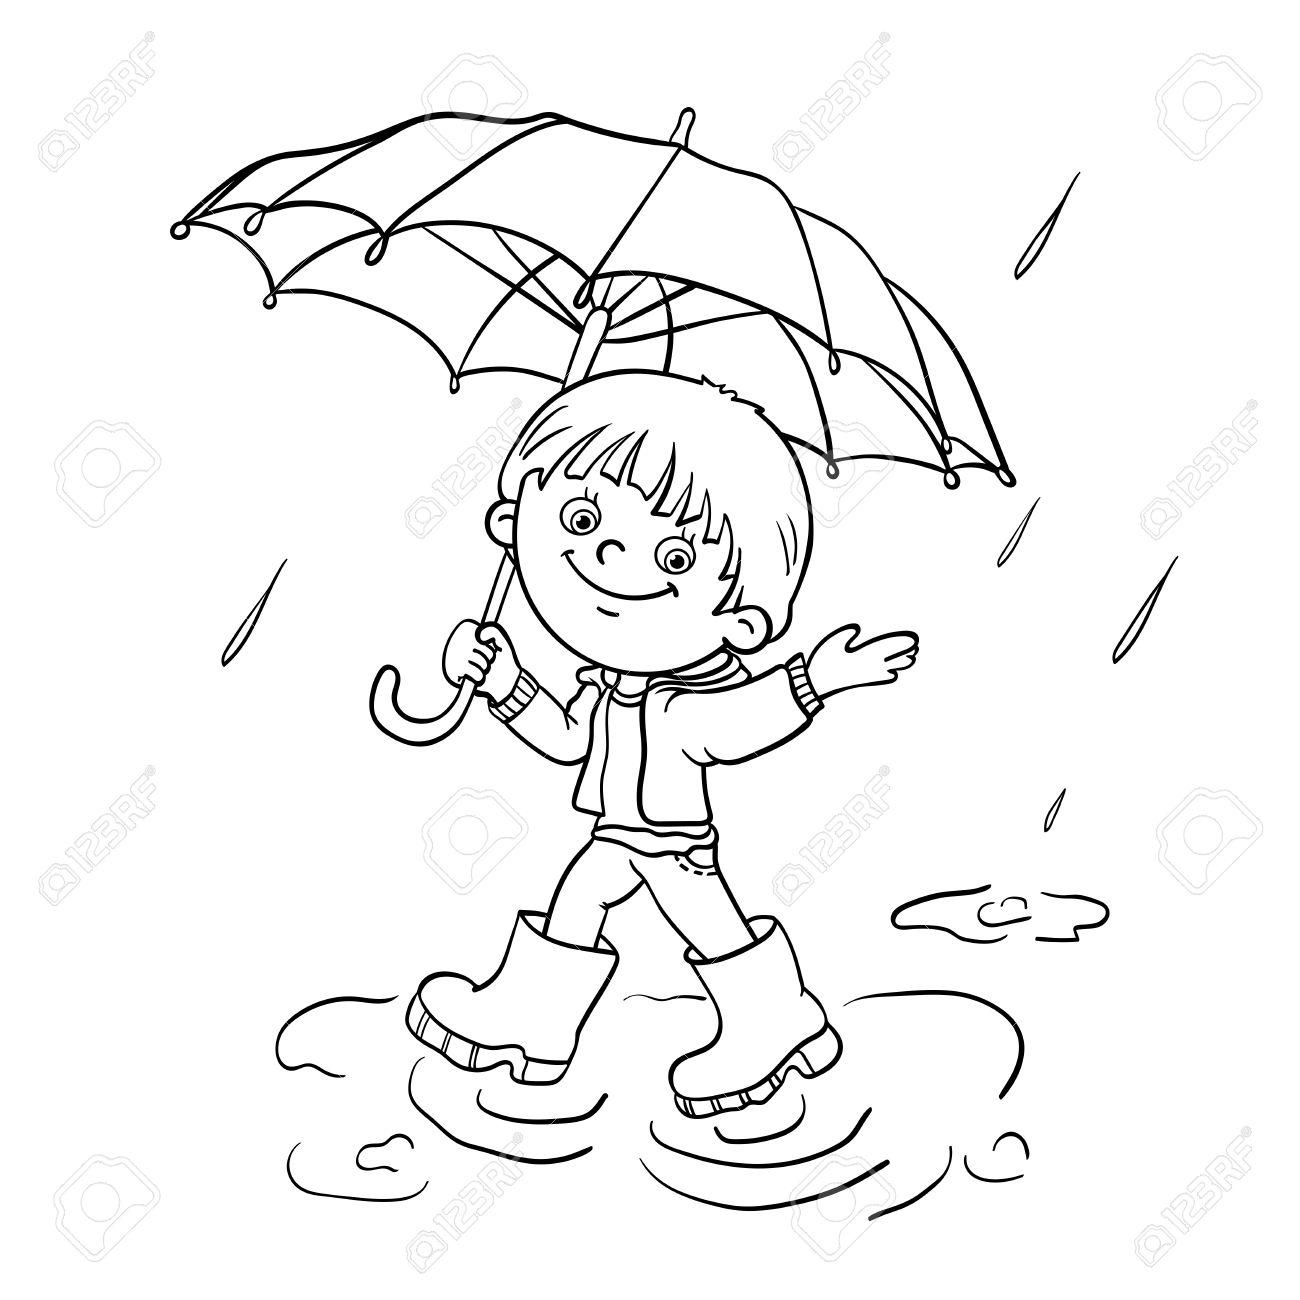 Coloriage contour d un gar§on joyeux Cartoon marcher sous la pluie avec un parapluie Banque